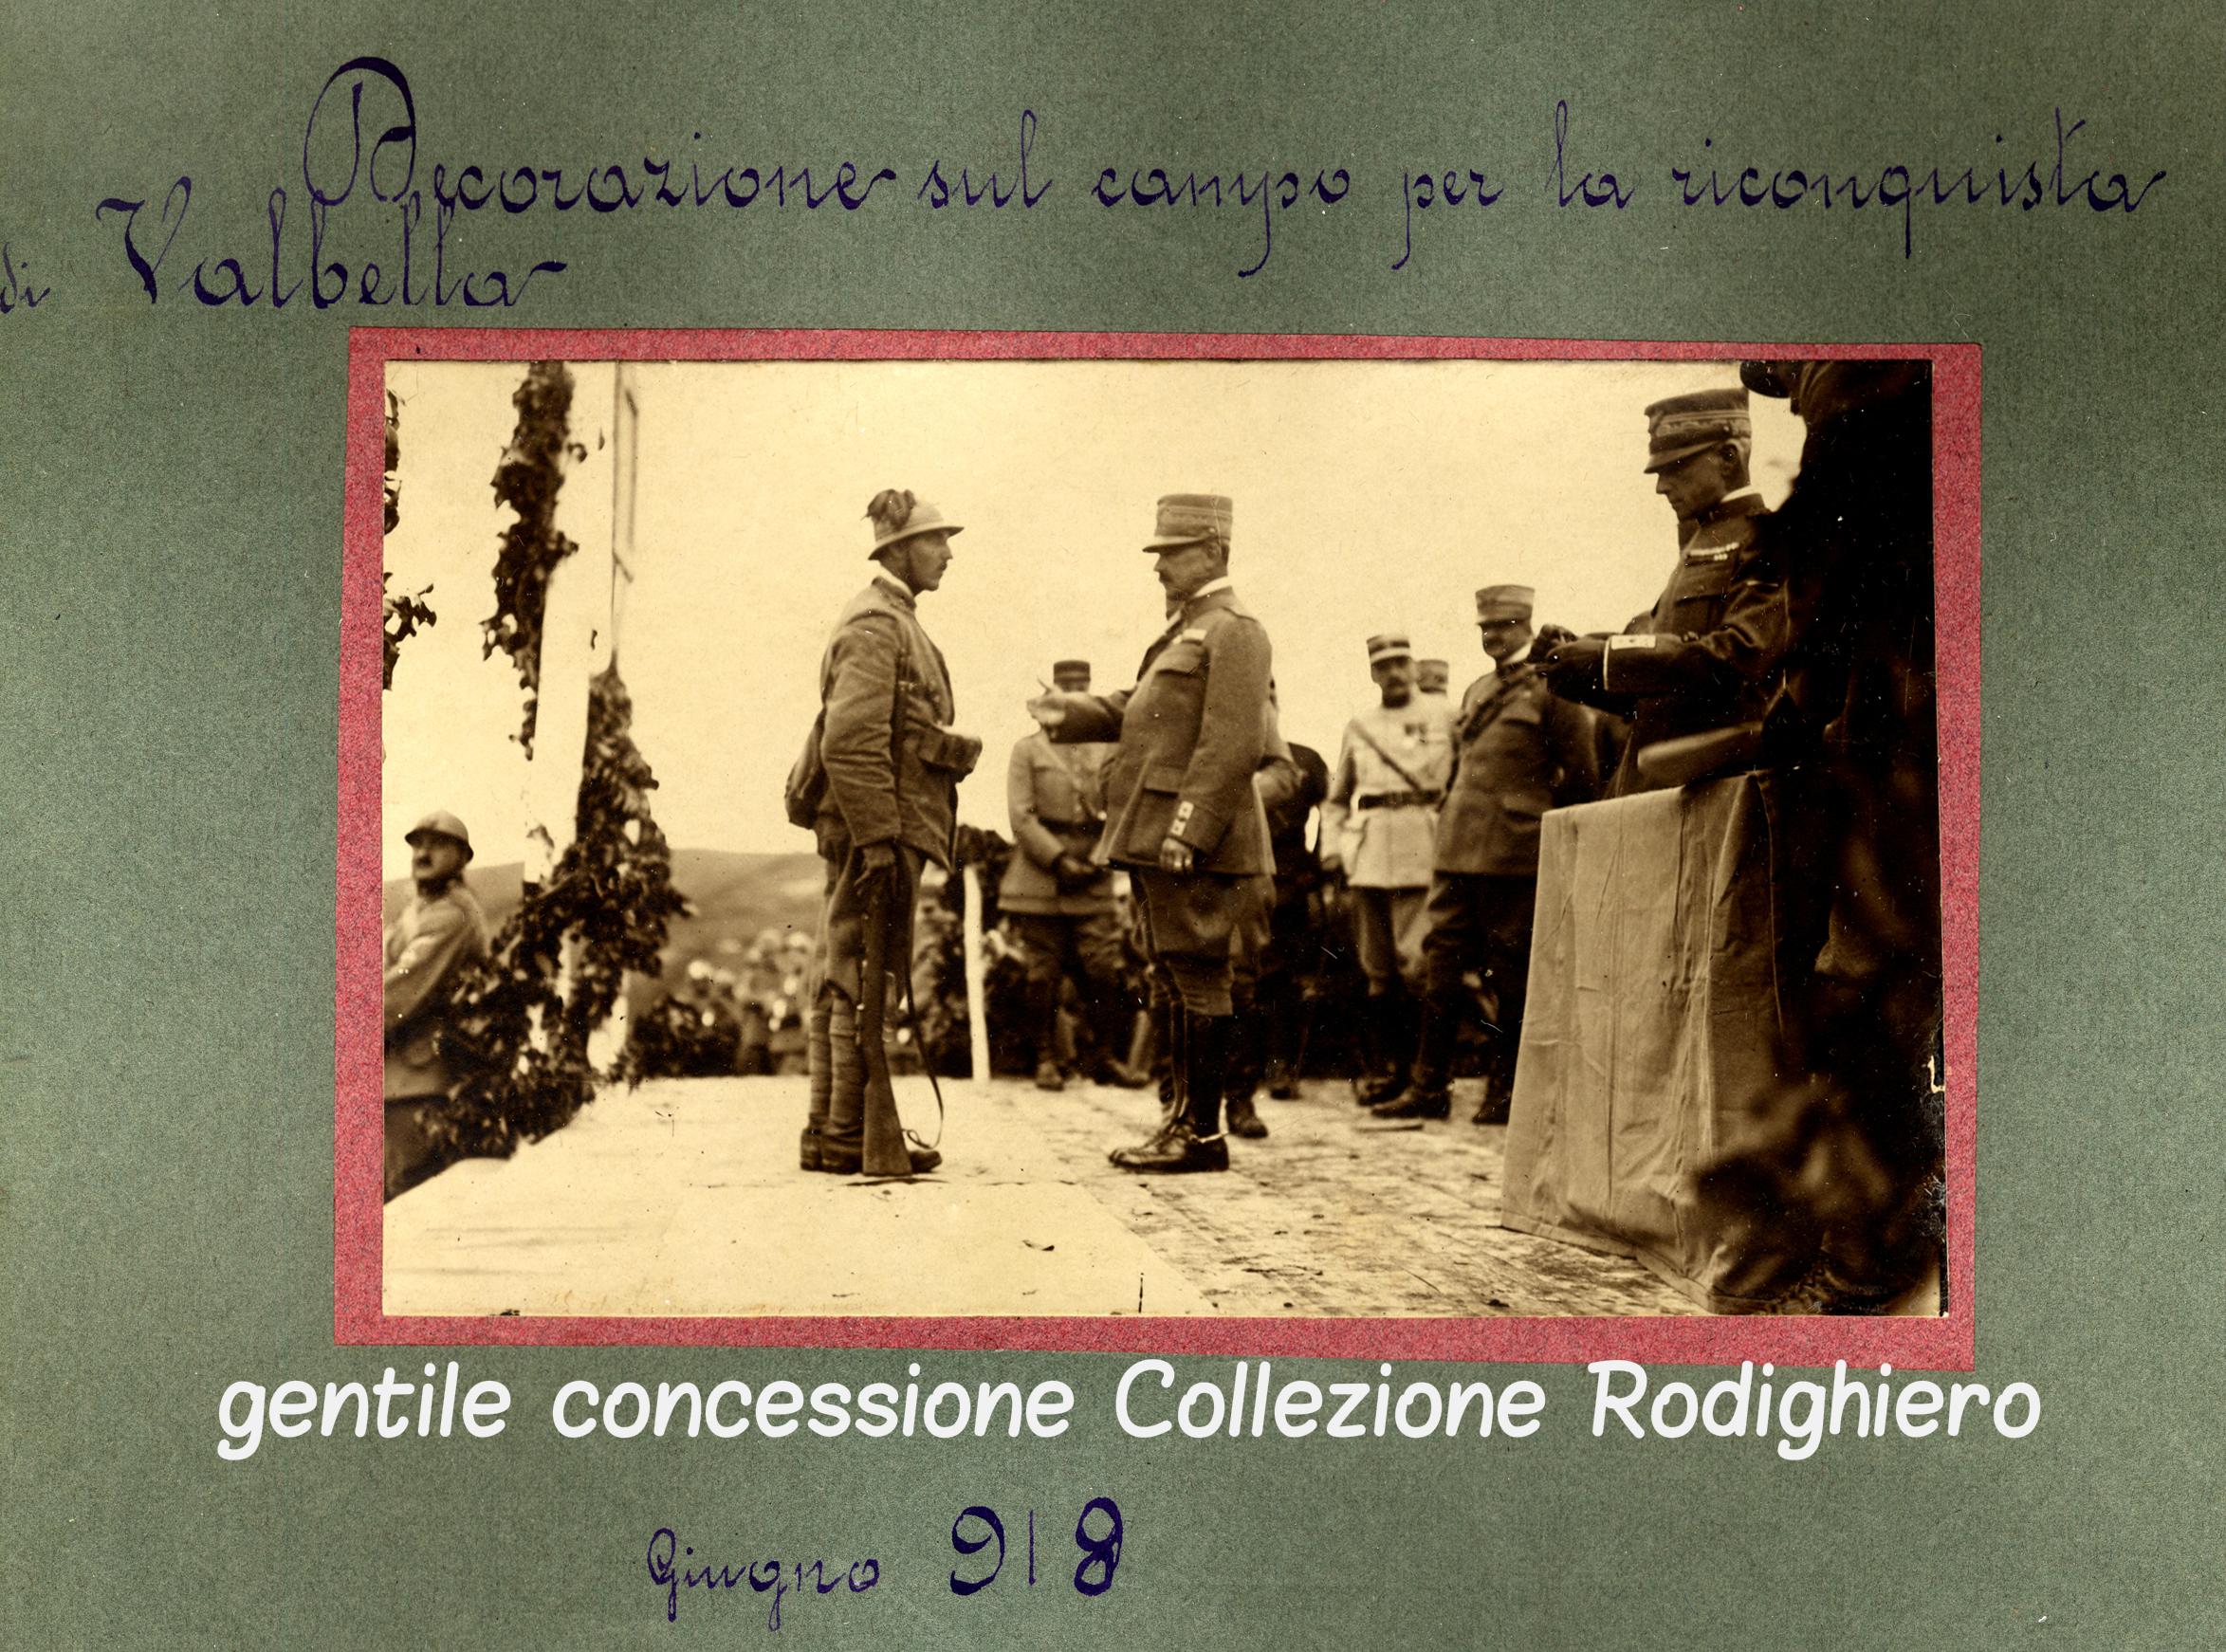 05 - decorazione di bersaglieri in altopiano 7 comuni dopo la battaglia del Solstizio (ASDM - coll rodighiero) (c).jpg